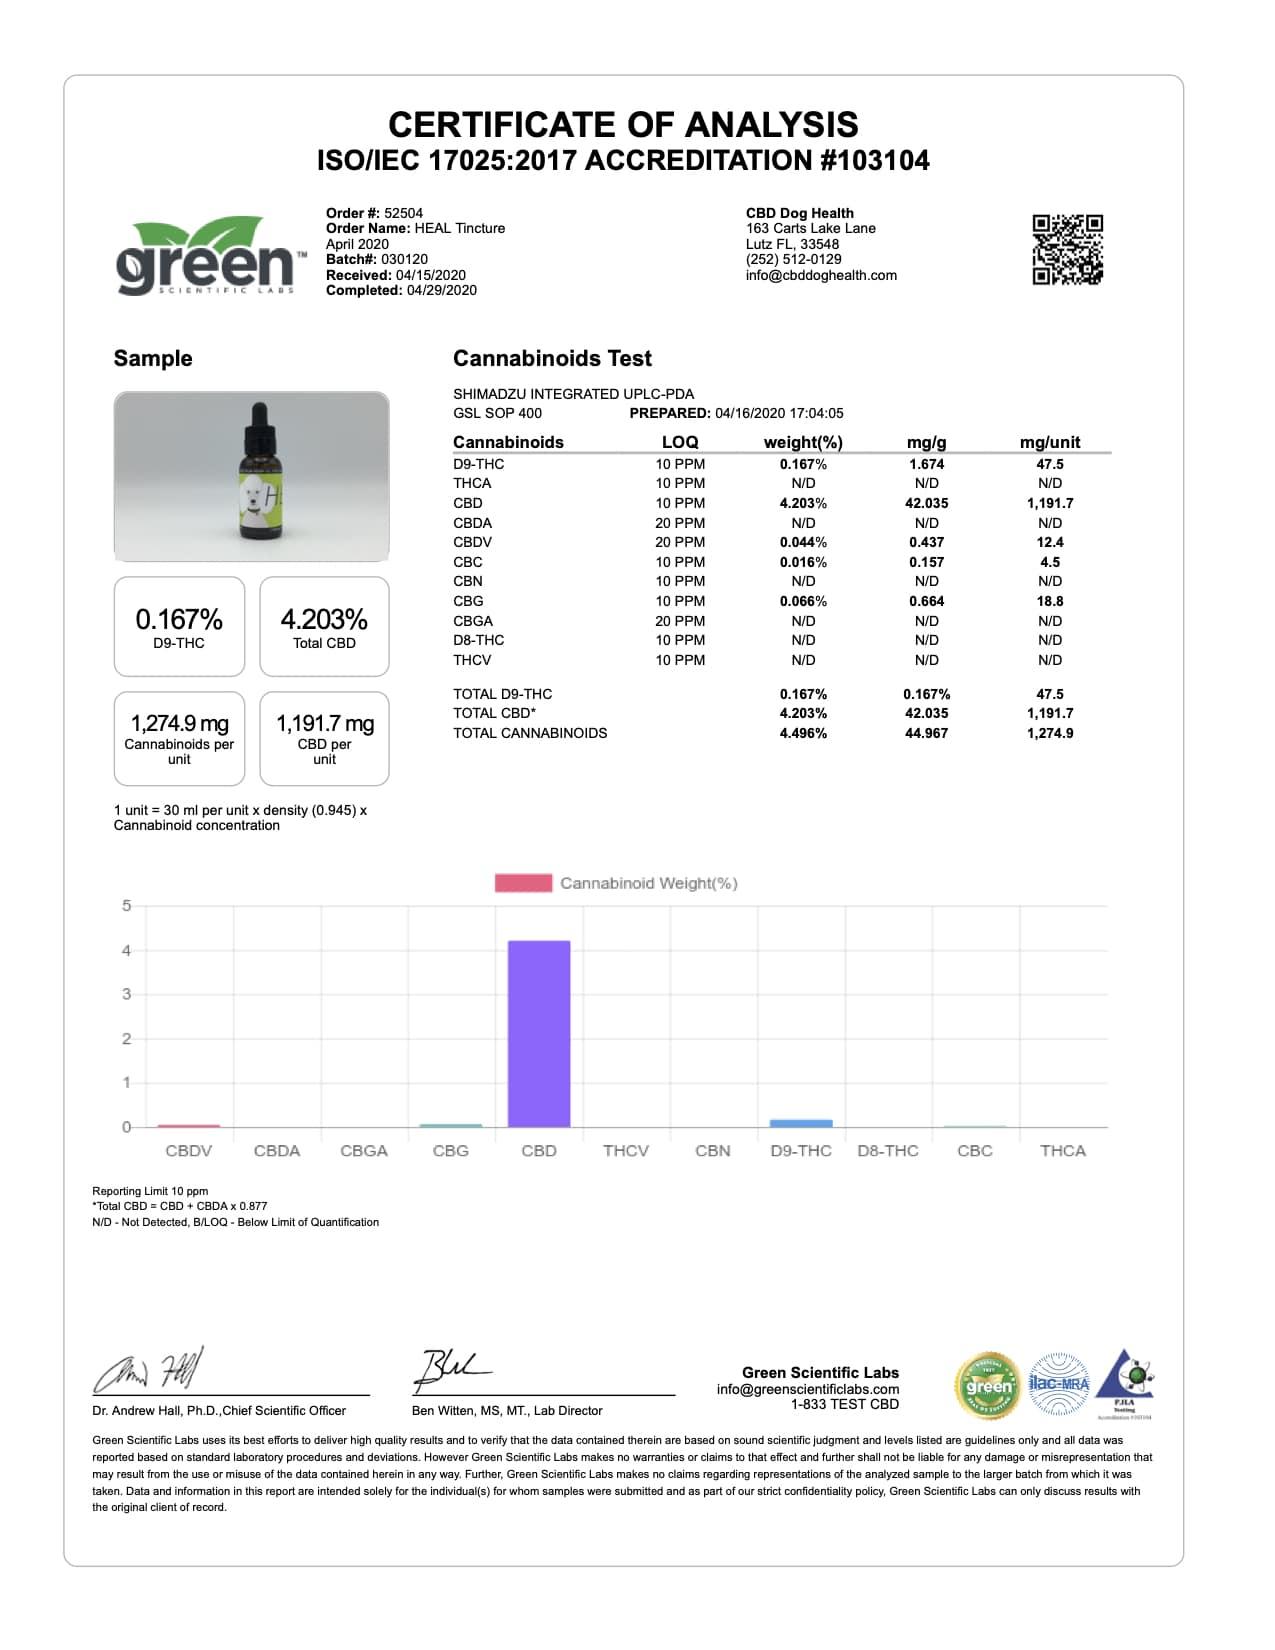 Heal Batch 030120 COA2 April 2020 Green Scientific 20156 52504